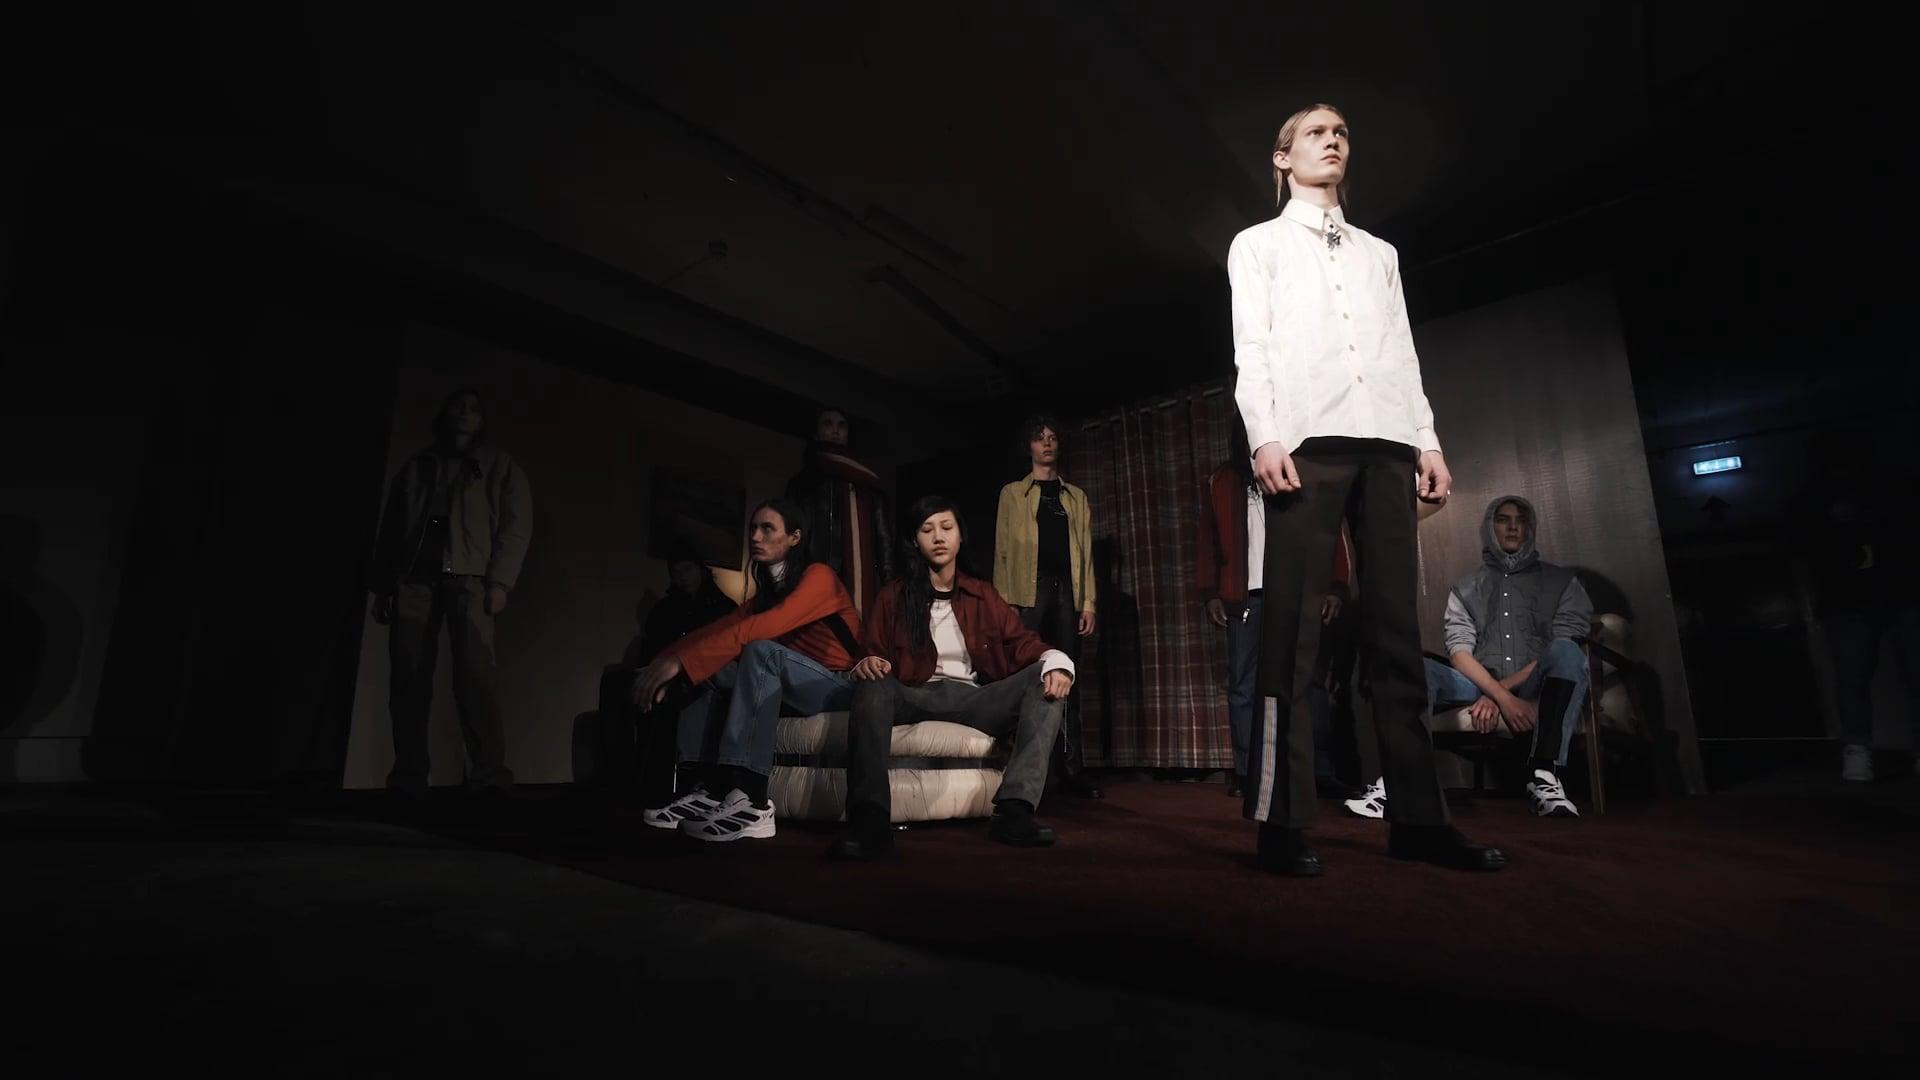 London Men's Fashion Week 2019